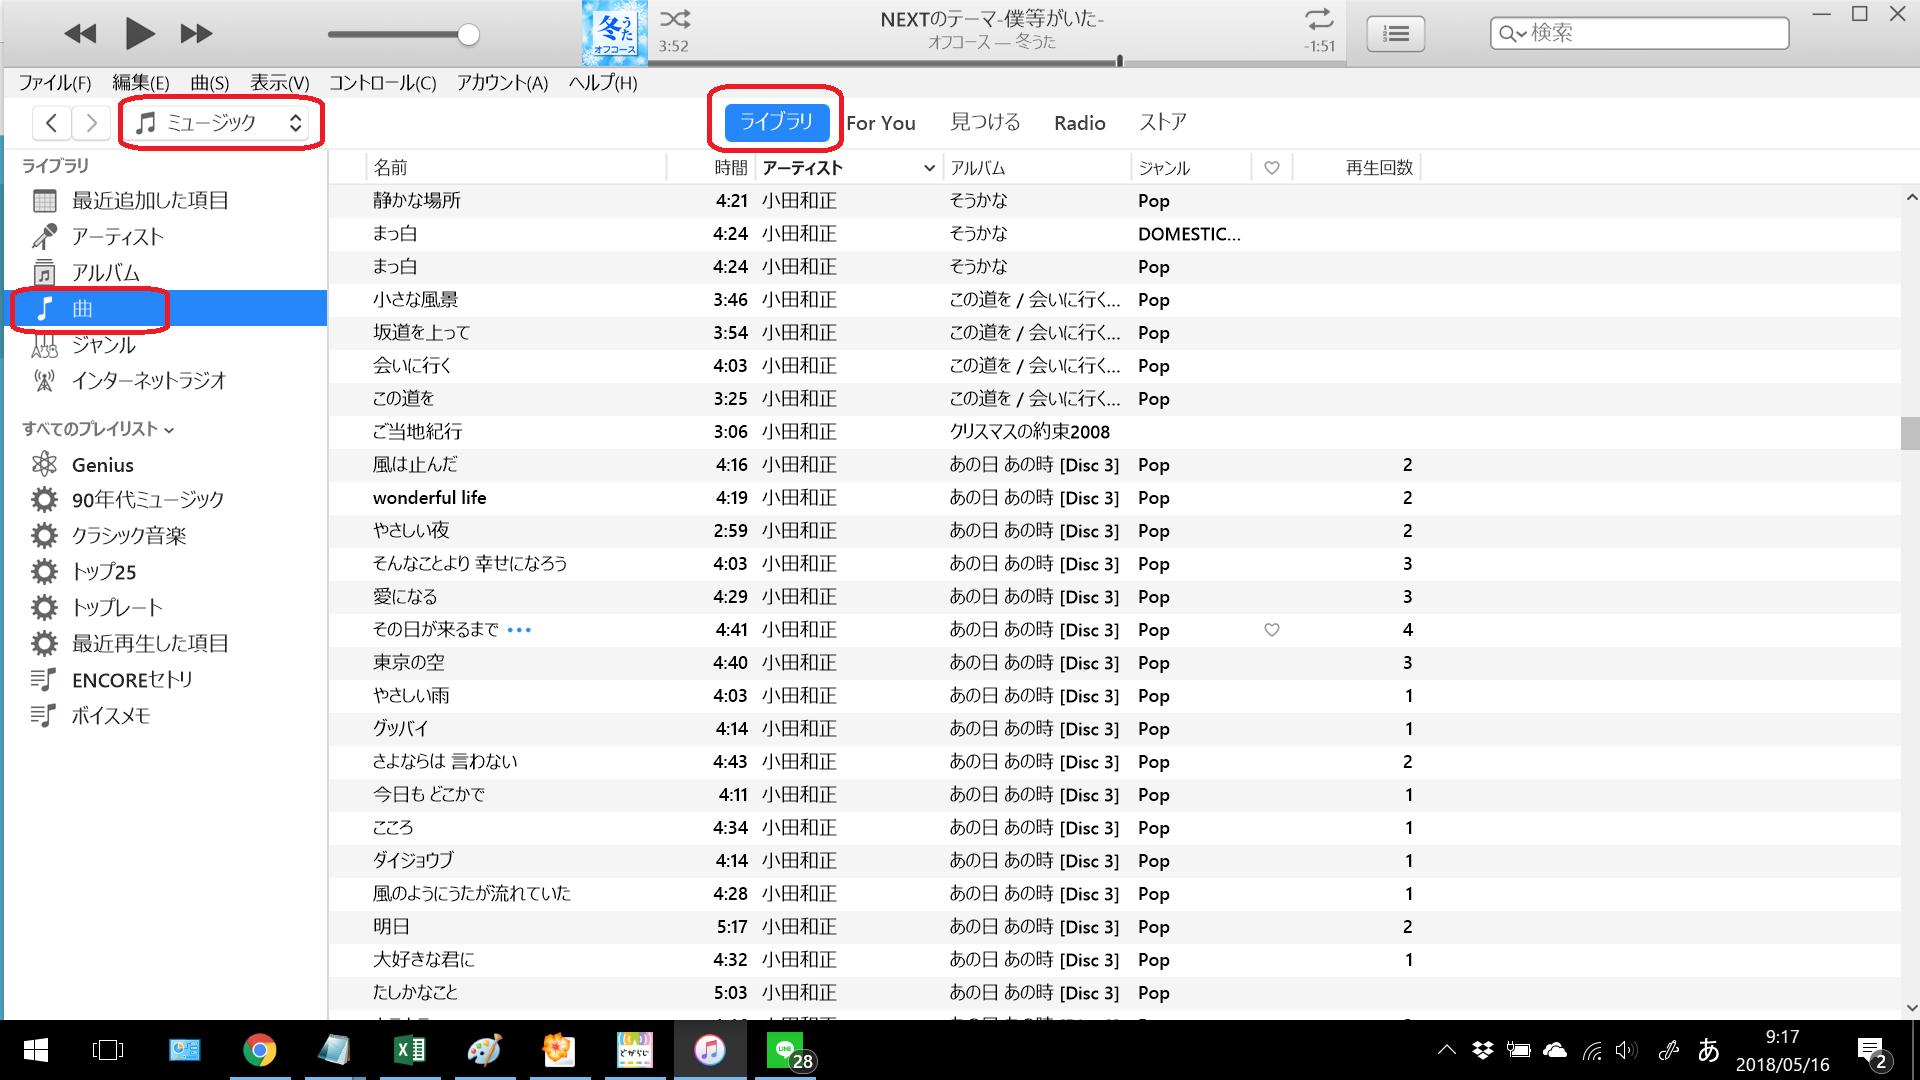 iTunesの曲一覧